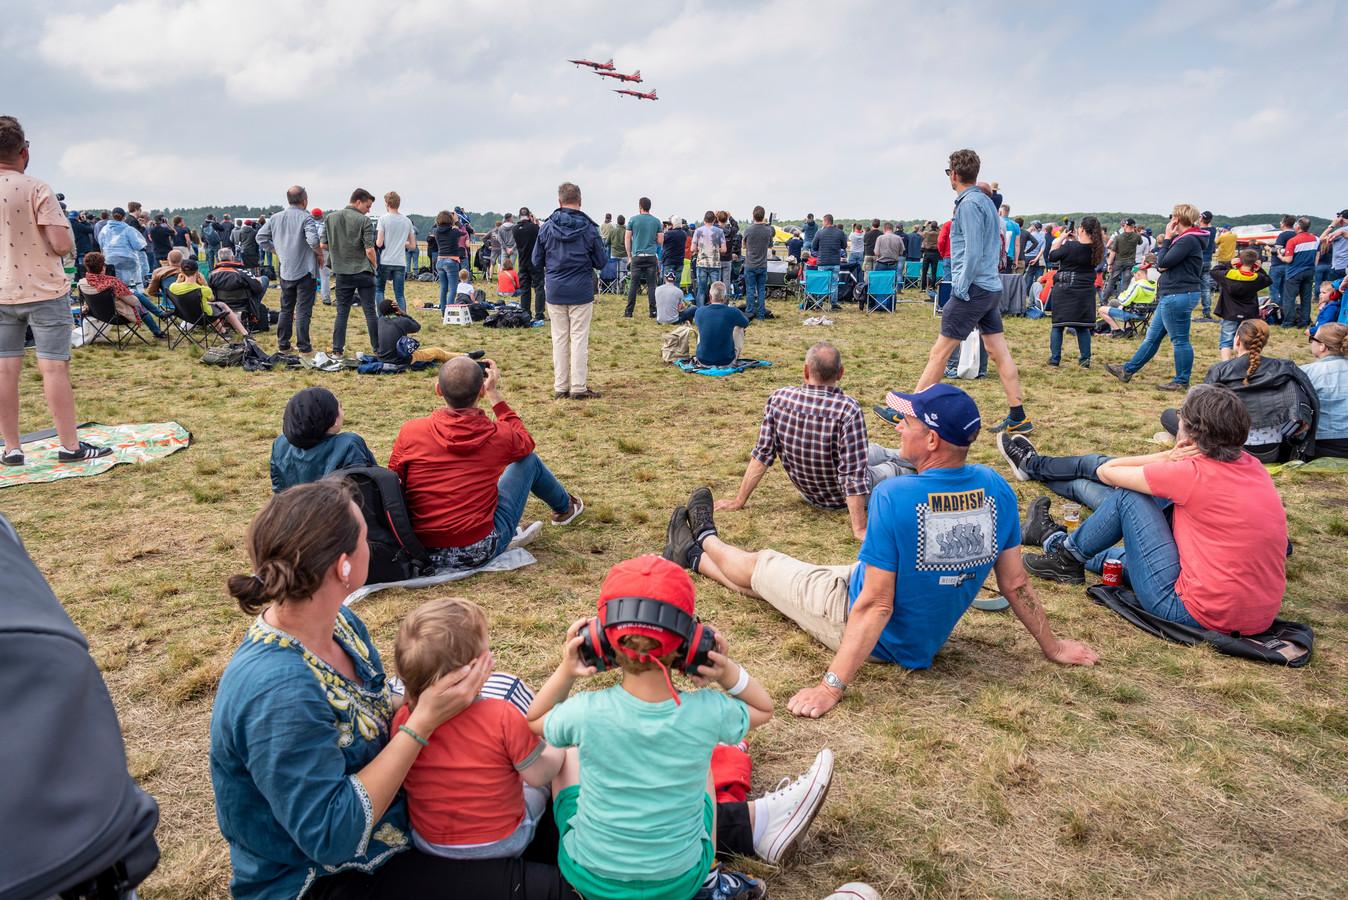 Luchtmachtdagen op vliegbasis Volkel: wát een herrie,  oordoppen in, koptelefoons op, de vingers in de oren of de beschermende handen van je moeder.